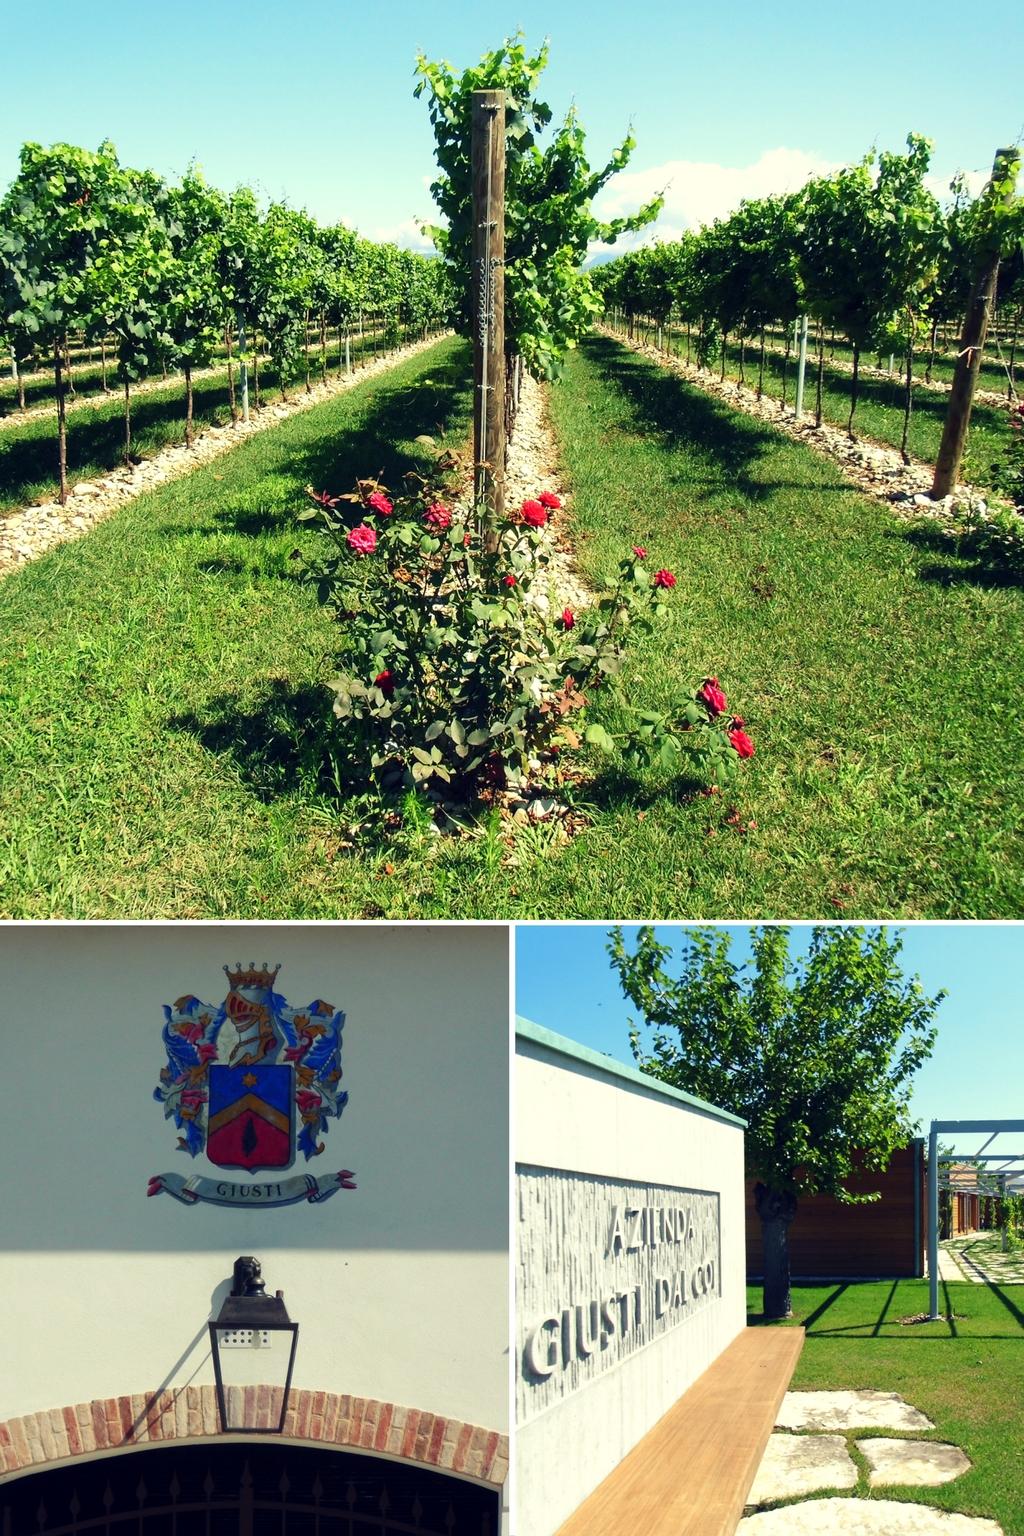 azienda-agricola-giusti-wine-degustazioni-nervesa-della-battaglia